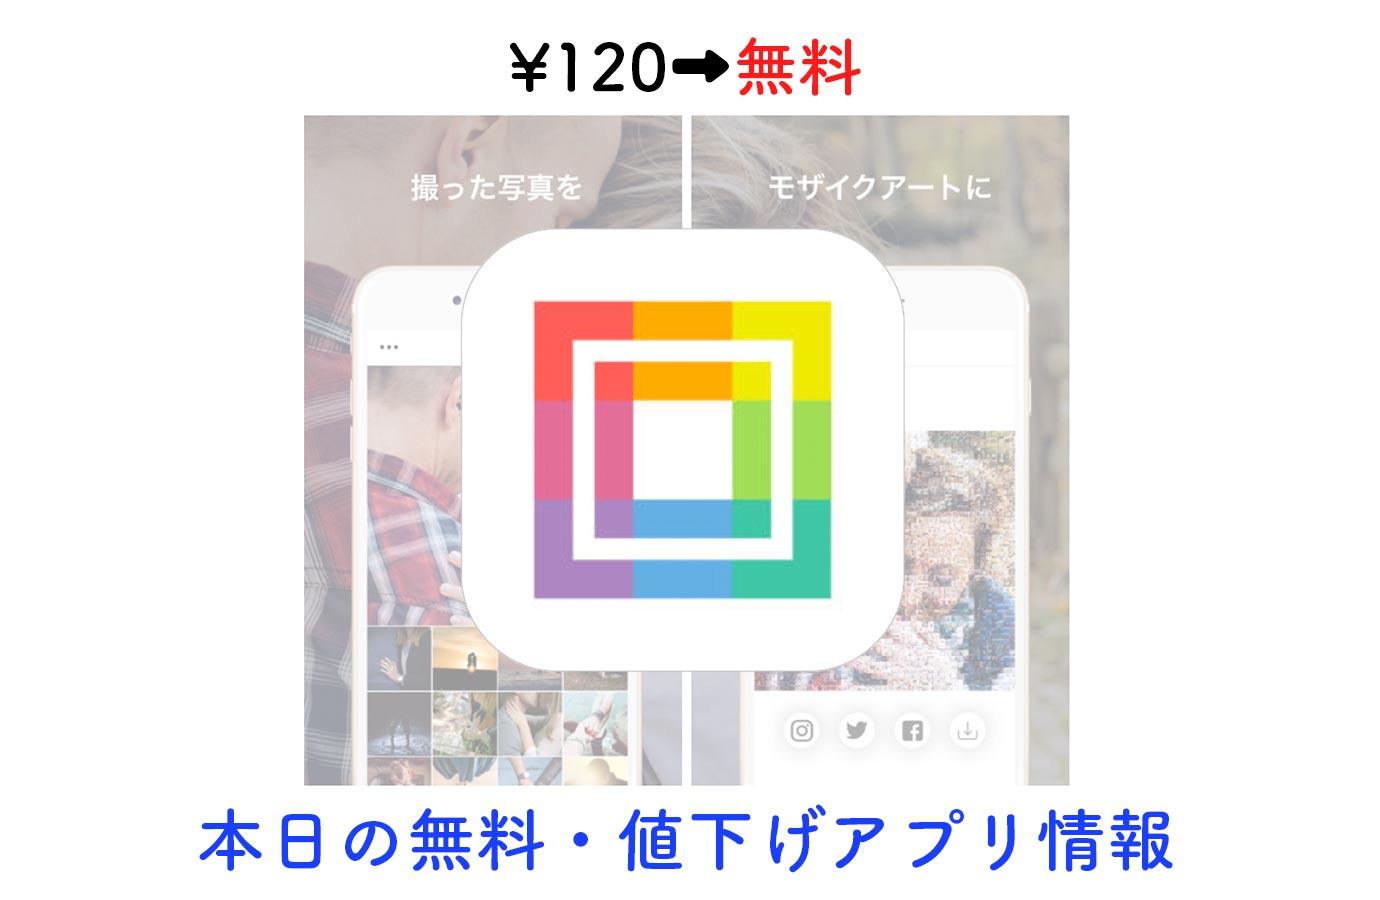 ¥120→無料、写真をモザイクアートに加工できる「PXL(ピクセル)」です【12/3】本日の無料・値下げアプリ情報